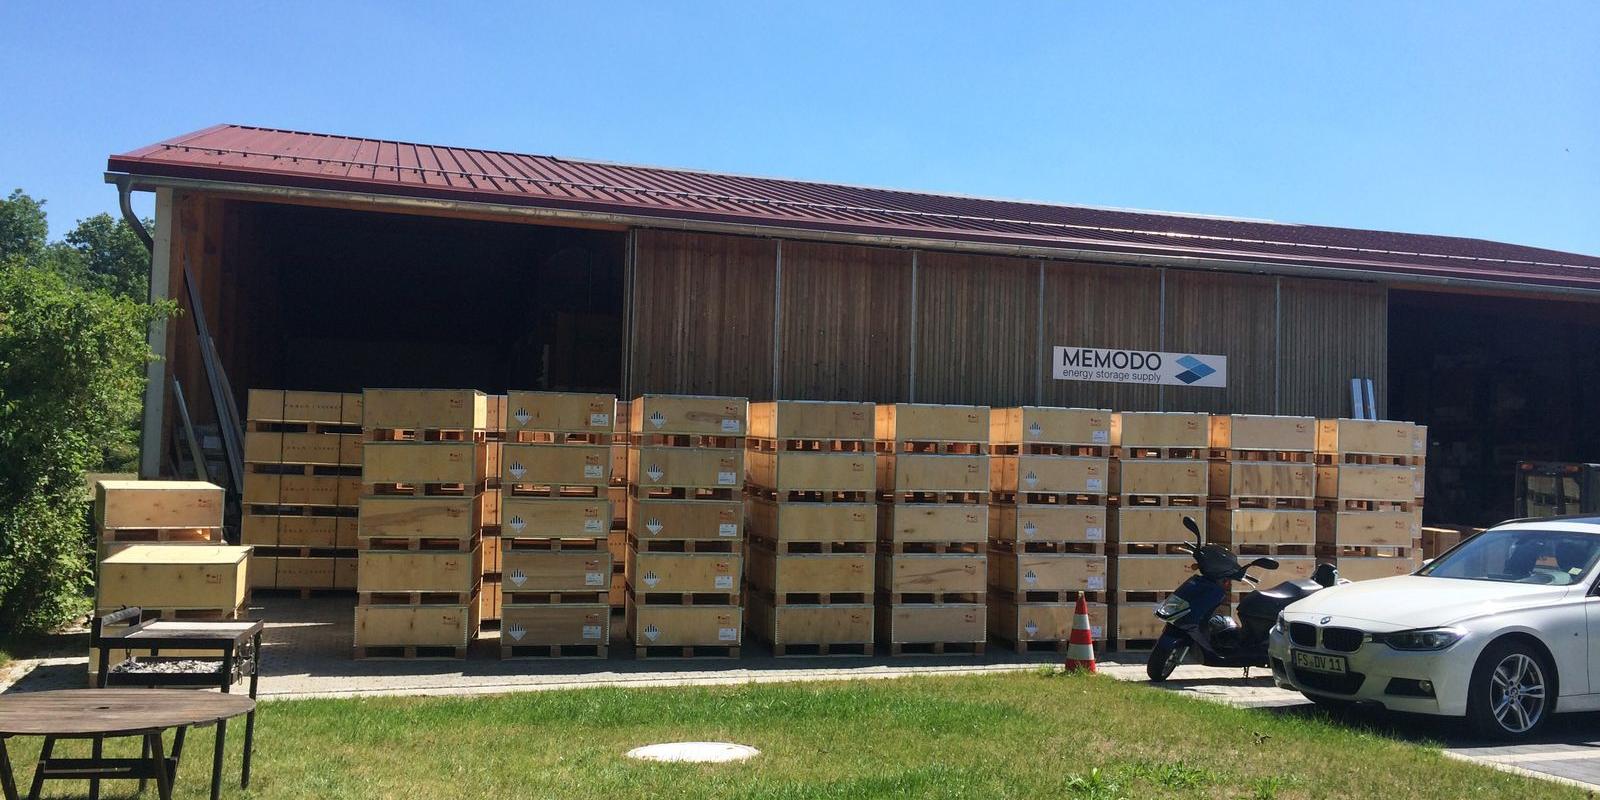 Memodo large Powerwall shipment